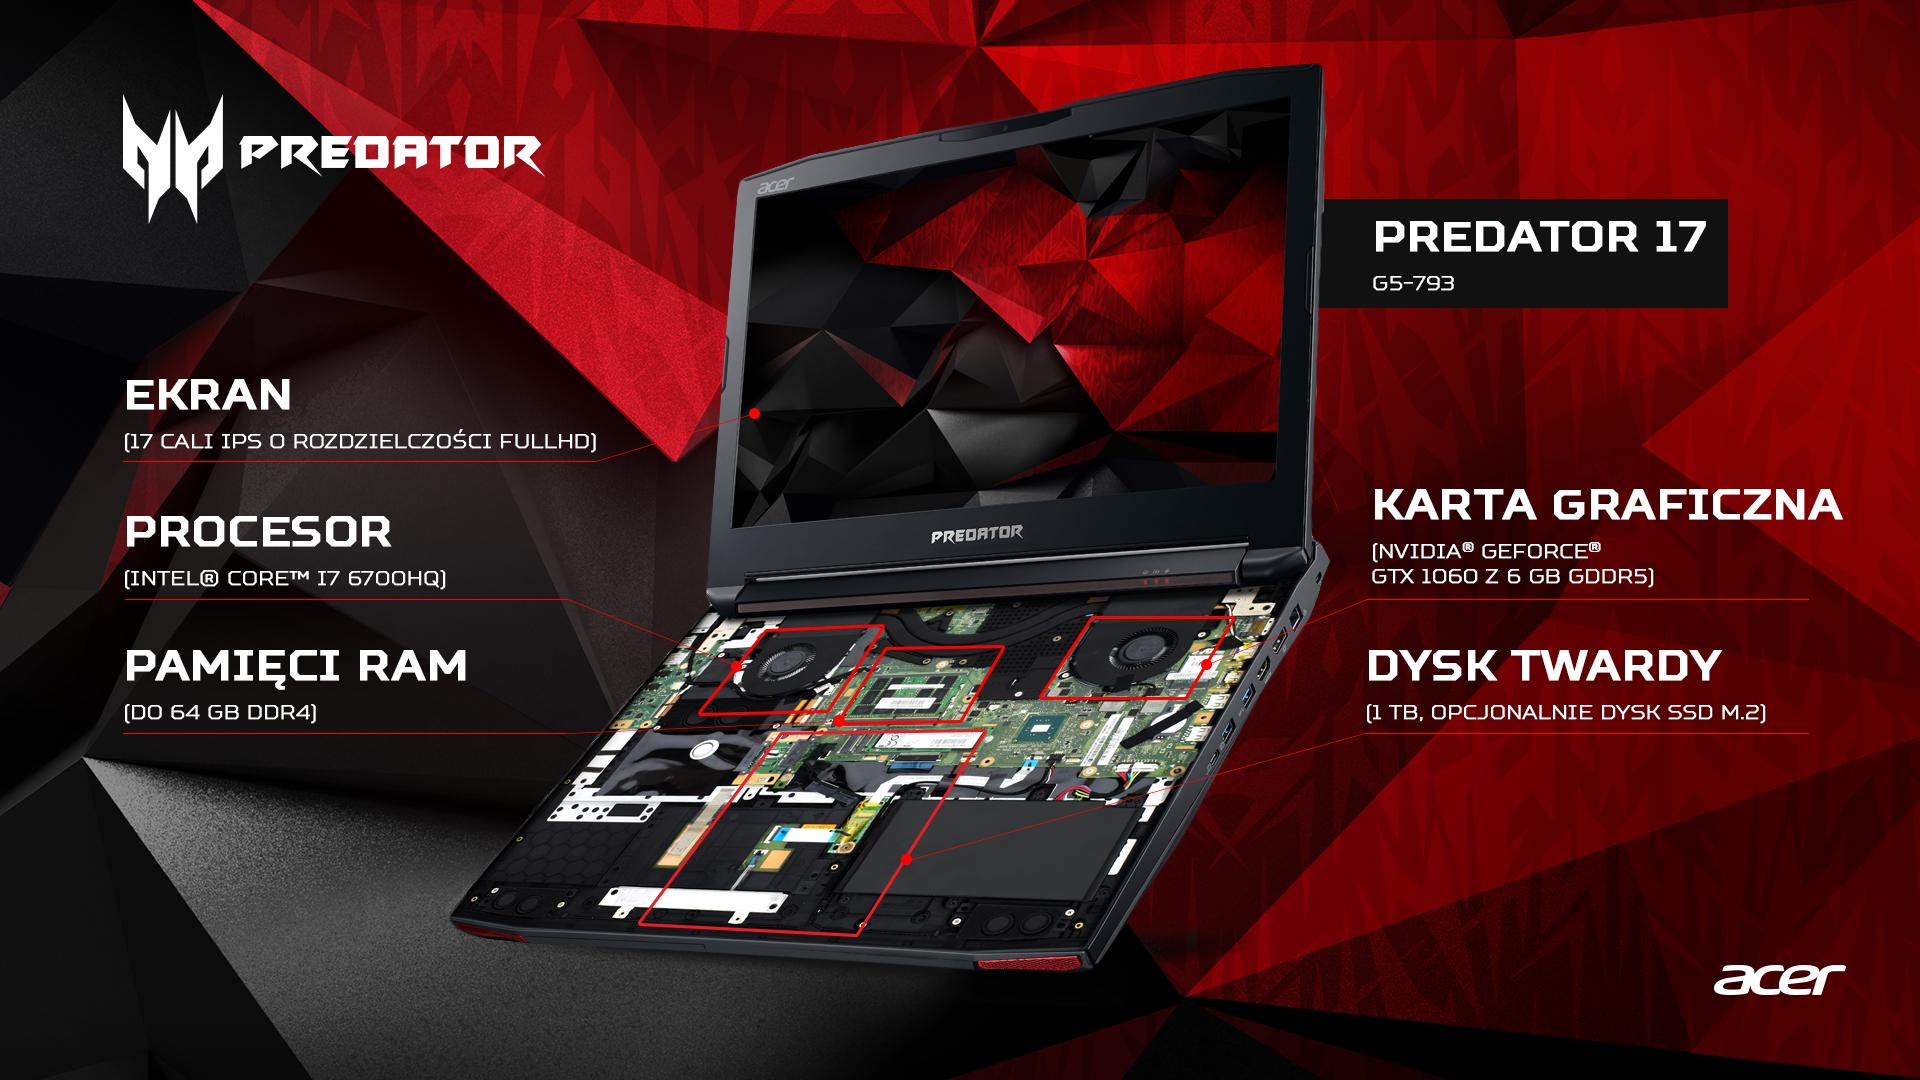 Nowy Predator 17 Z Karta Graficzna Nvidia Geforce Gtx 1060